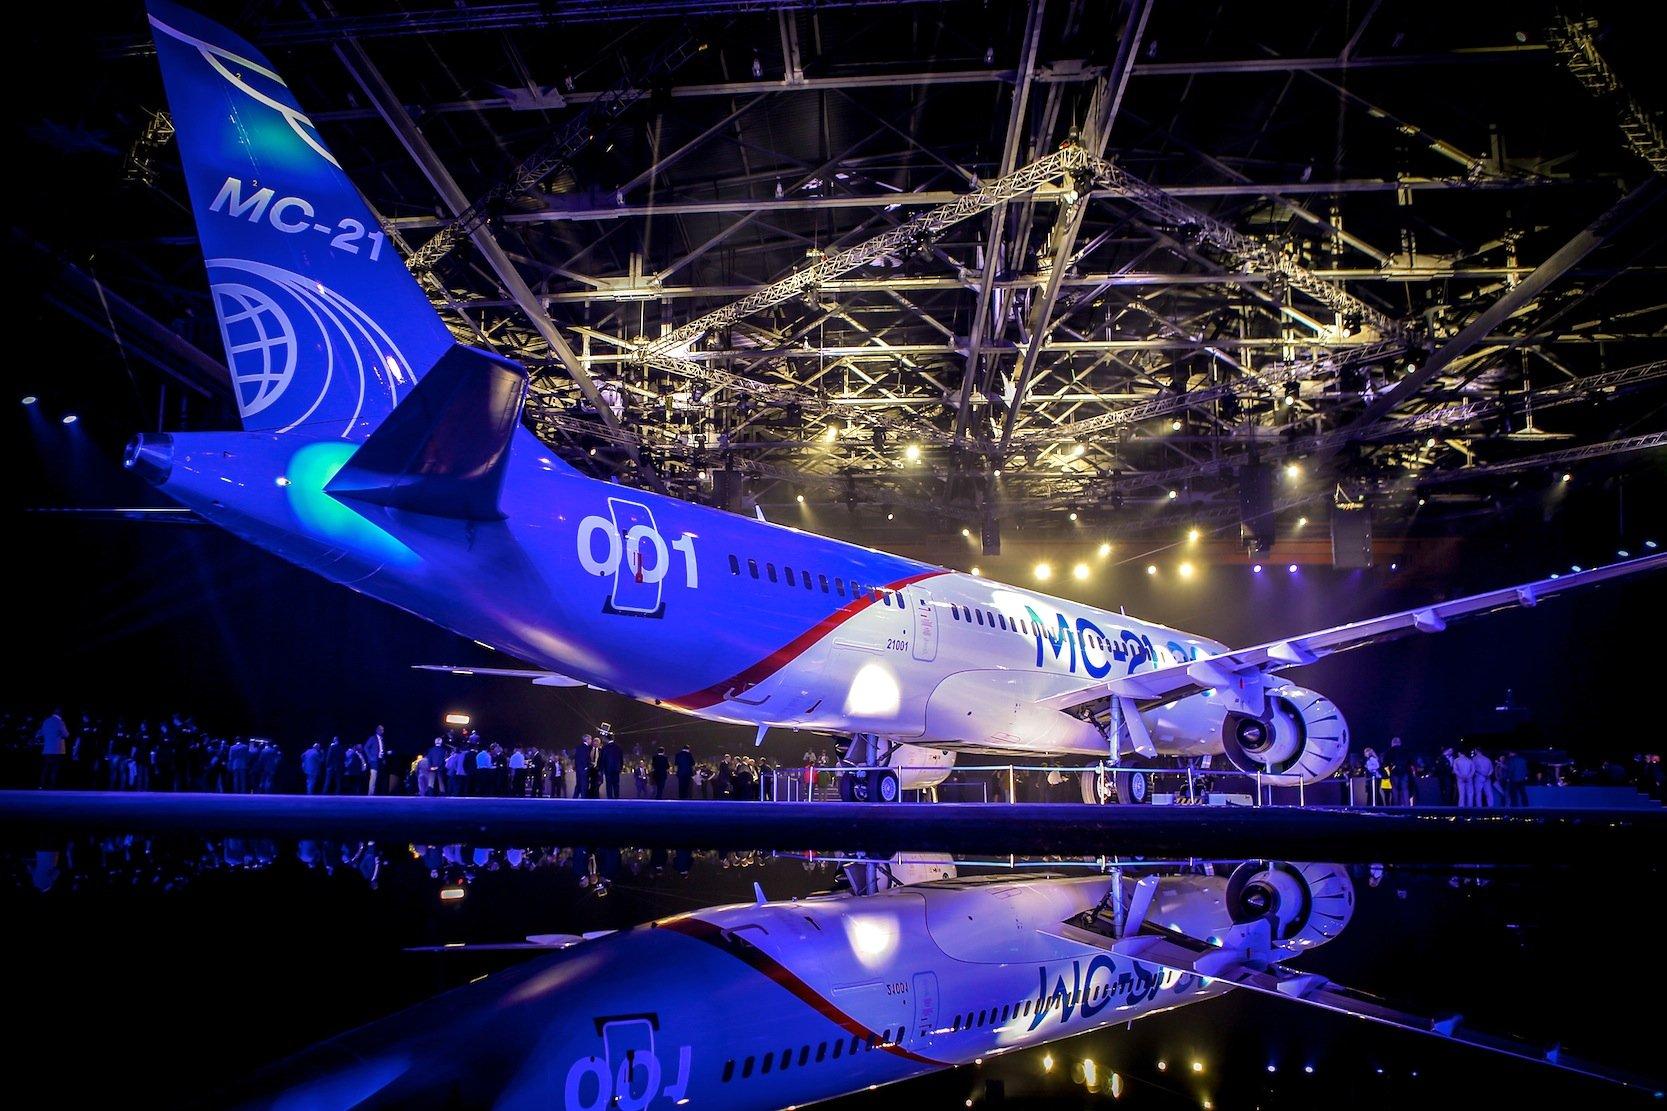 Mit dem Mittelstreckenflugzeug MS-21 will der russische Hersteller Irkut gegen Airbus und Boeing antreten. Die Serienproduktion soll 2017 anlaufen.